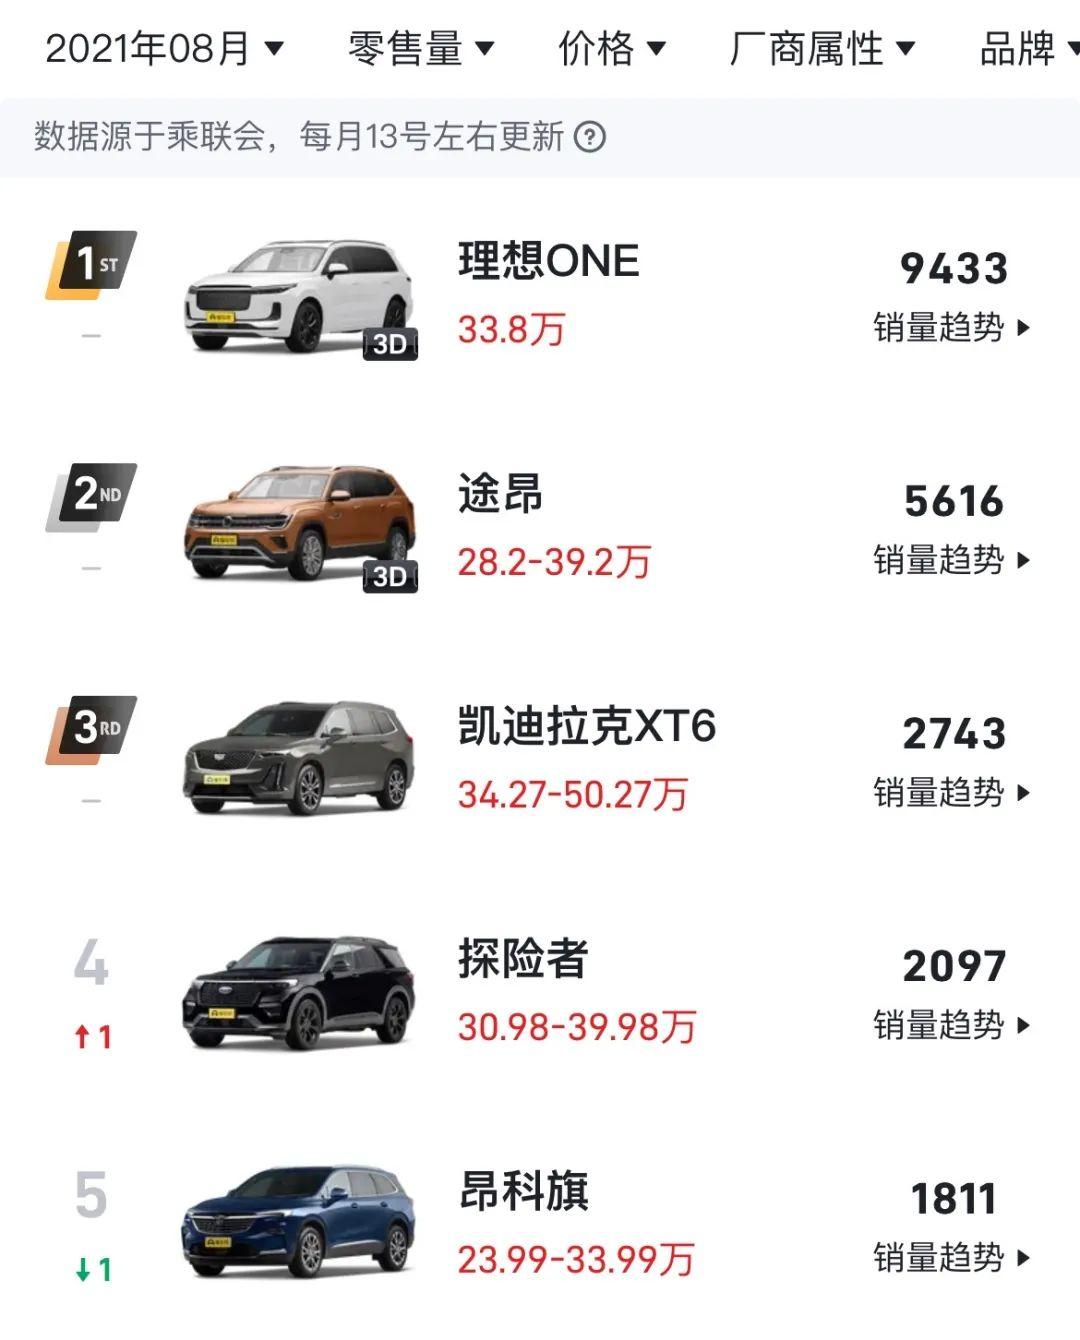 领克09预售价公布,最高预售40万元